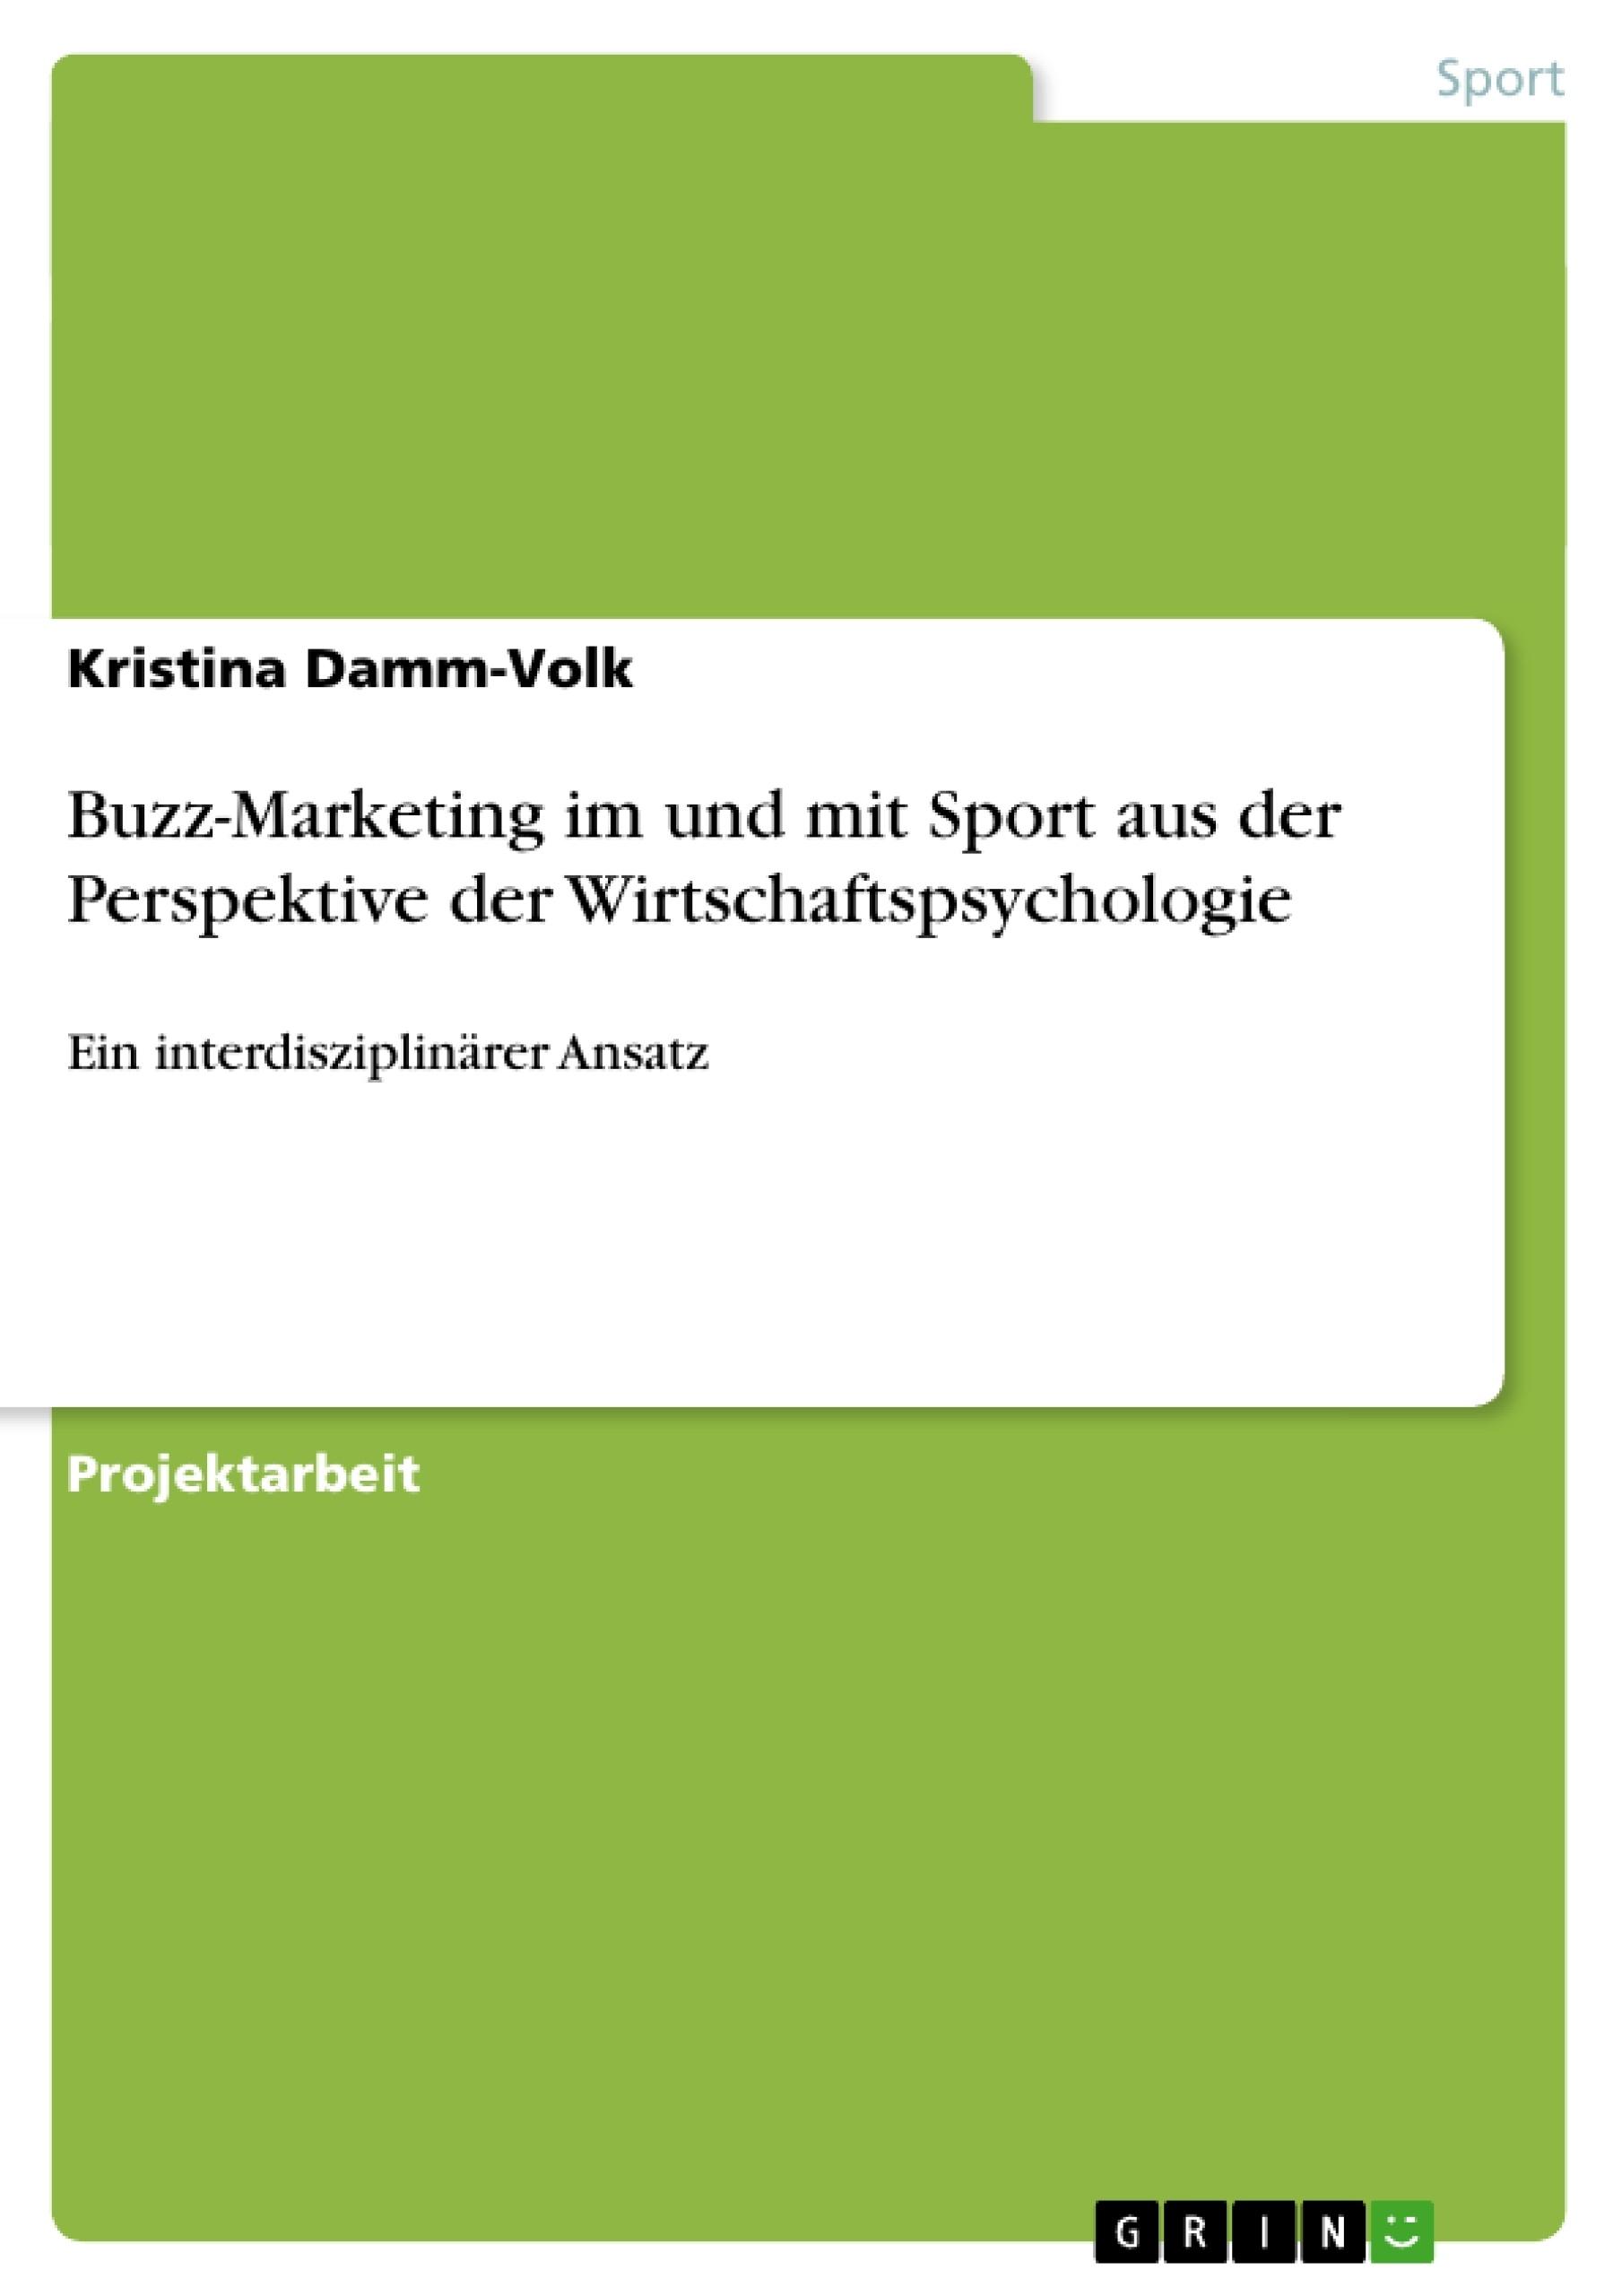 Titel: Buzz-Marketing im und mit Sport aus der Perspektive der Wirtschaftspsychologie